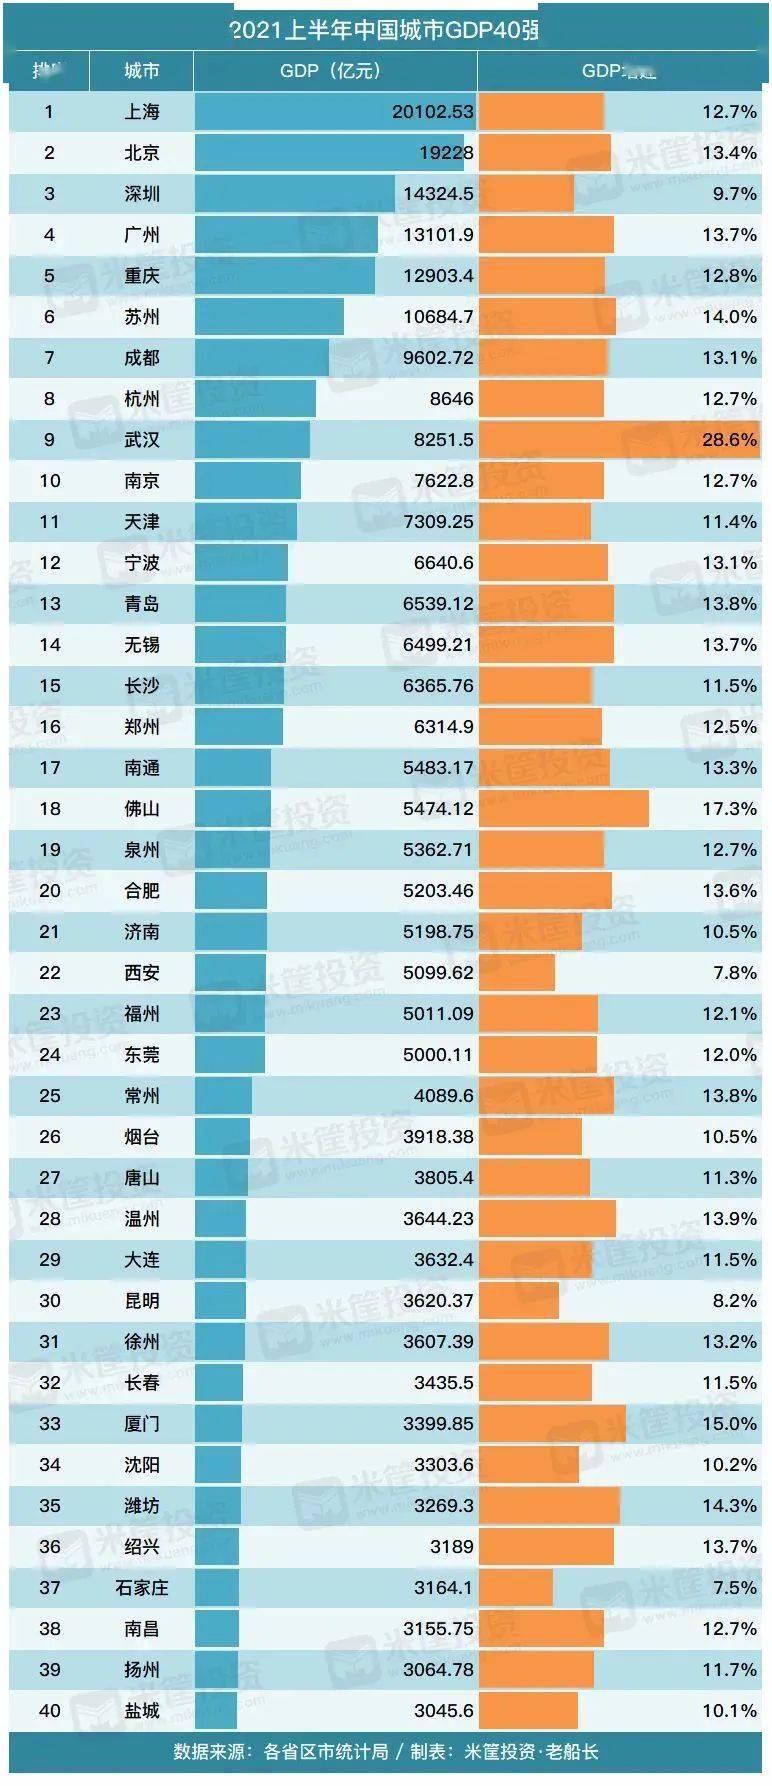 2021年安徽省各市gdp_2021年上半年安徽省GDP